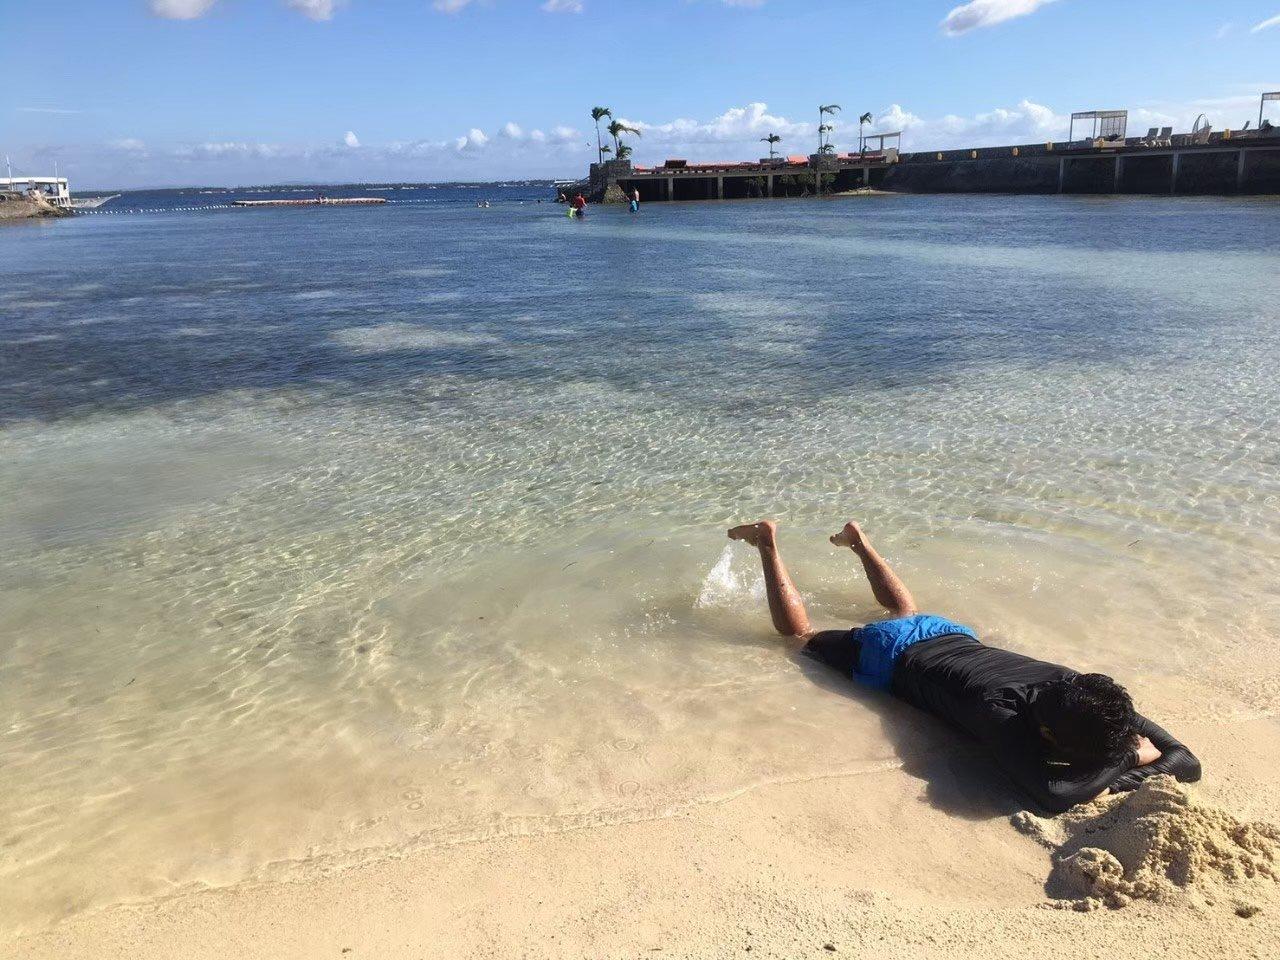 フィリピン留学中週1ビーチでのんびり